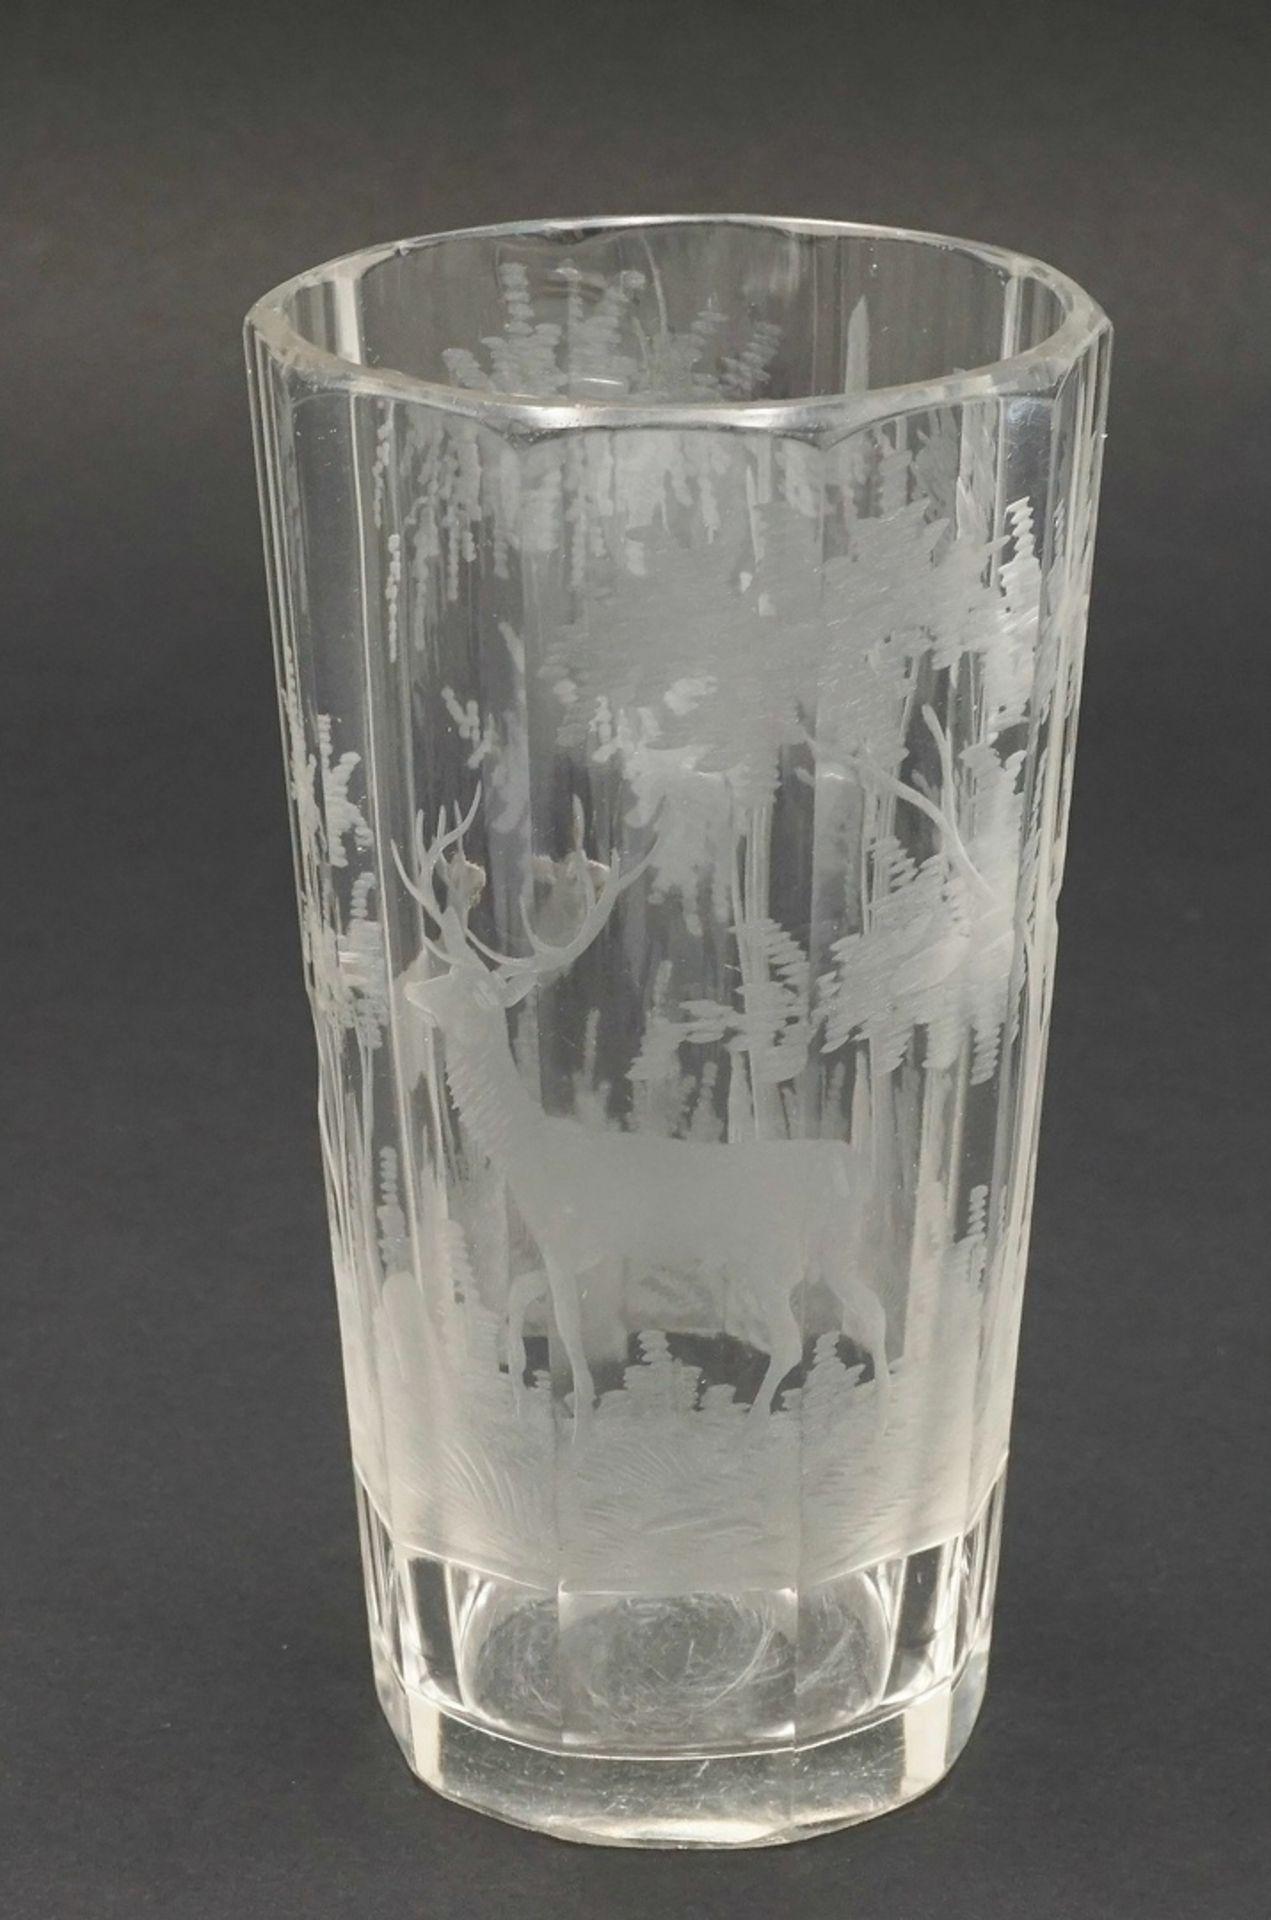 Jagdpokal und Glas - Bild 5 aus 5